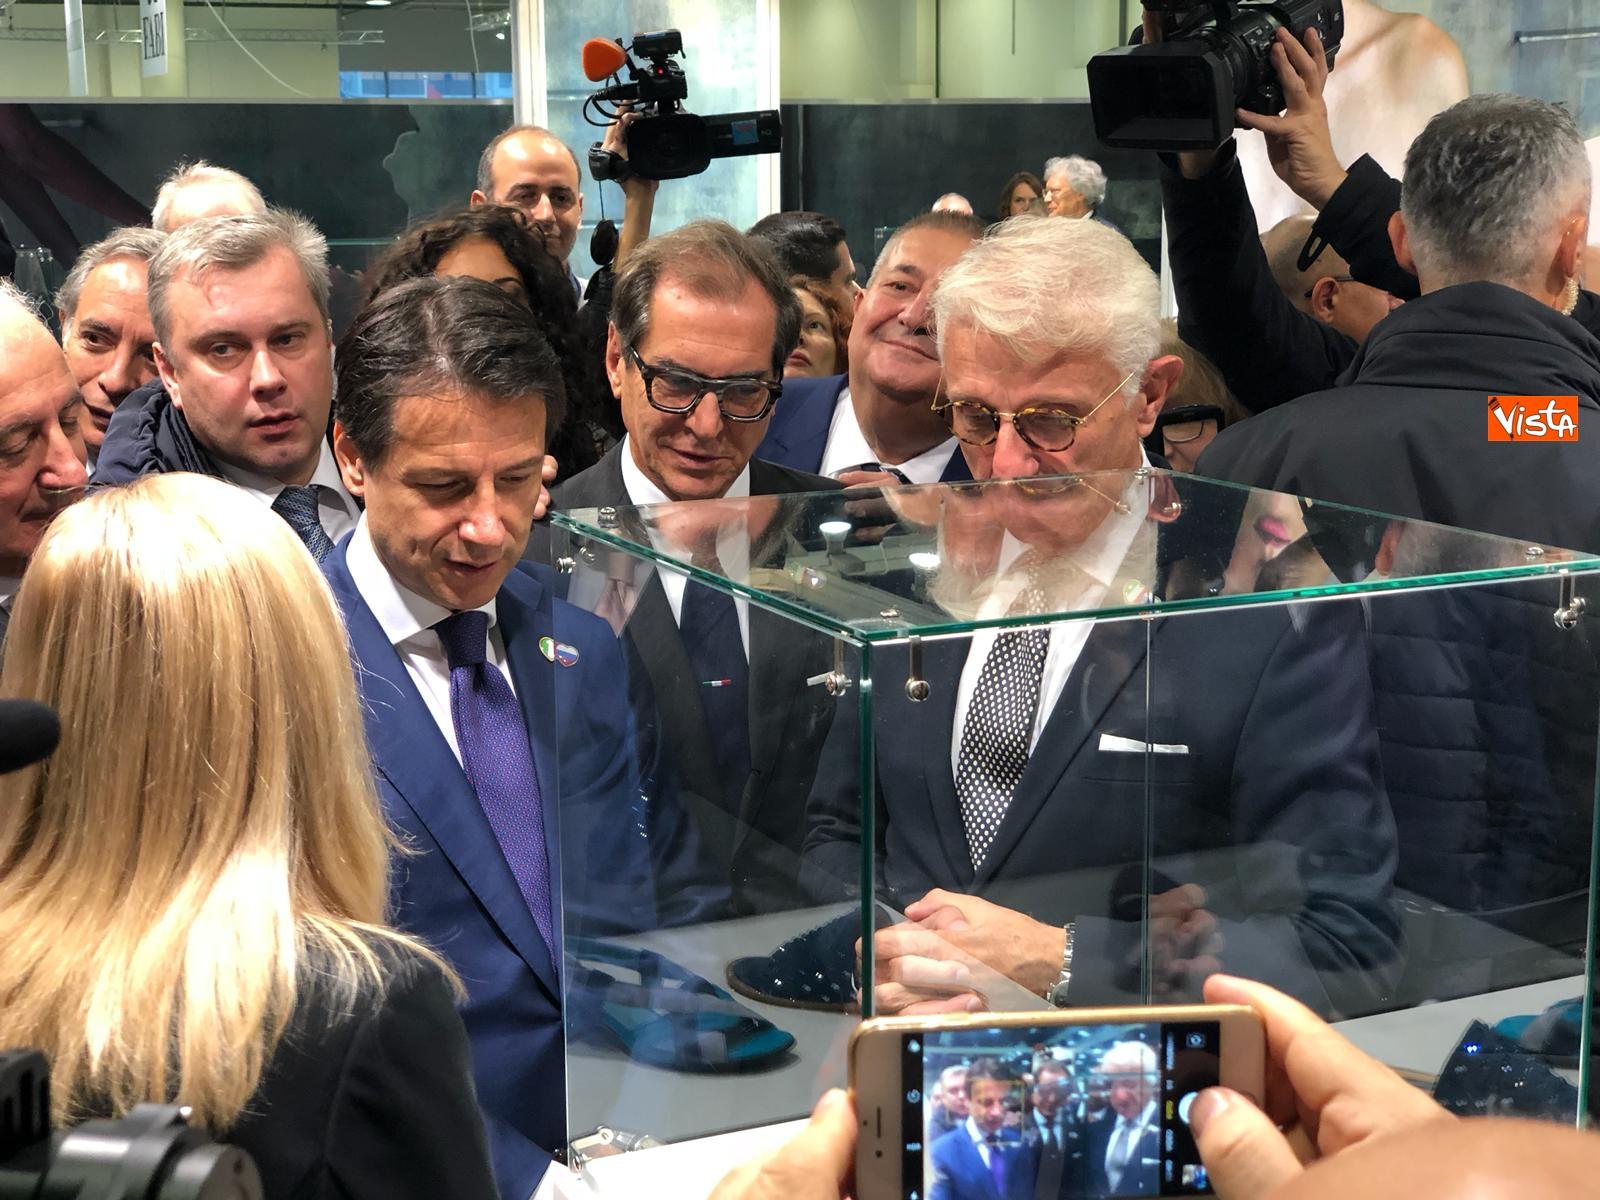 24-10-18 Conte all'Expocenter di Mosca con gli imprenditori italiani 1